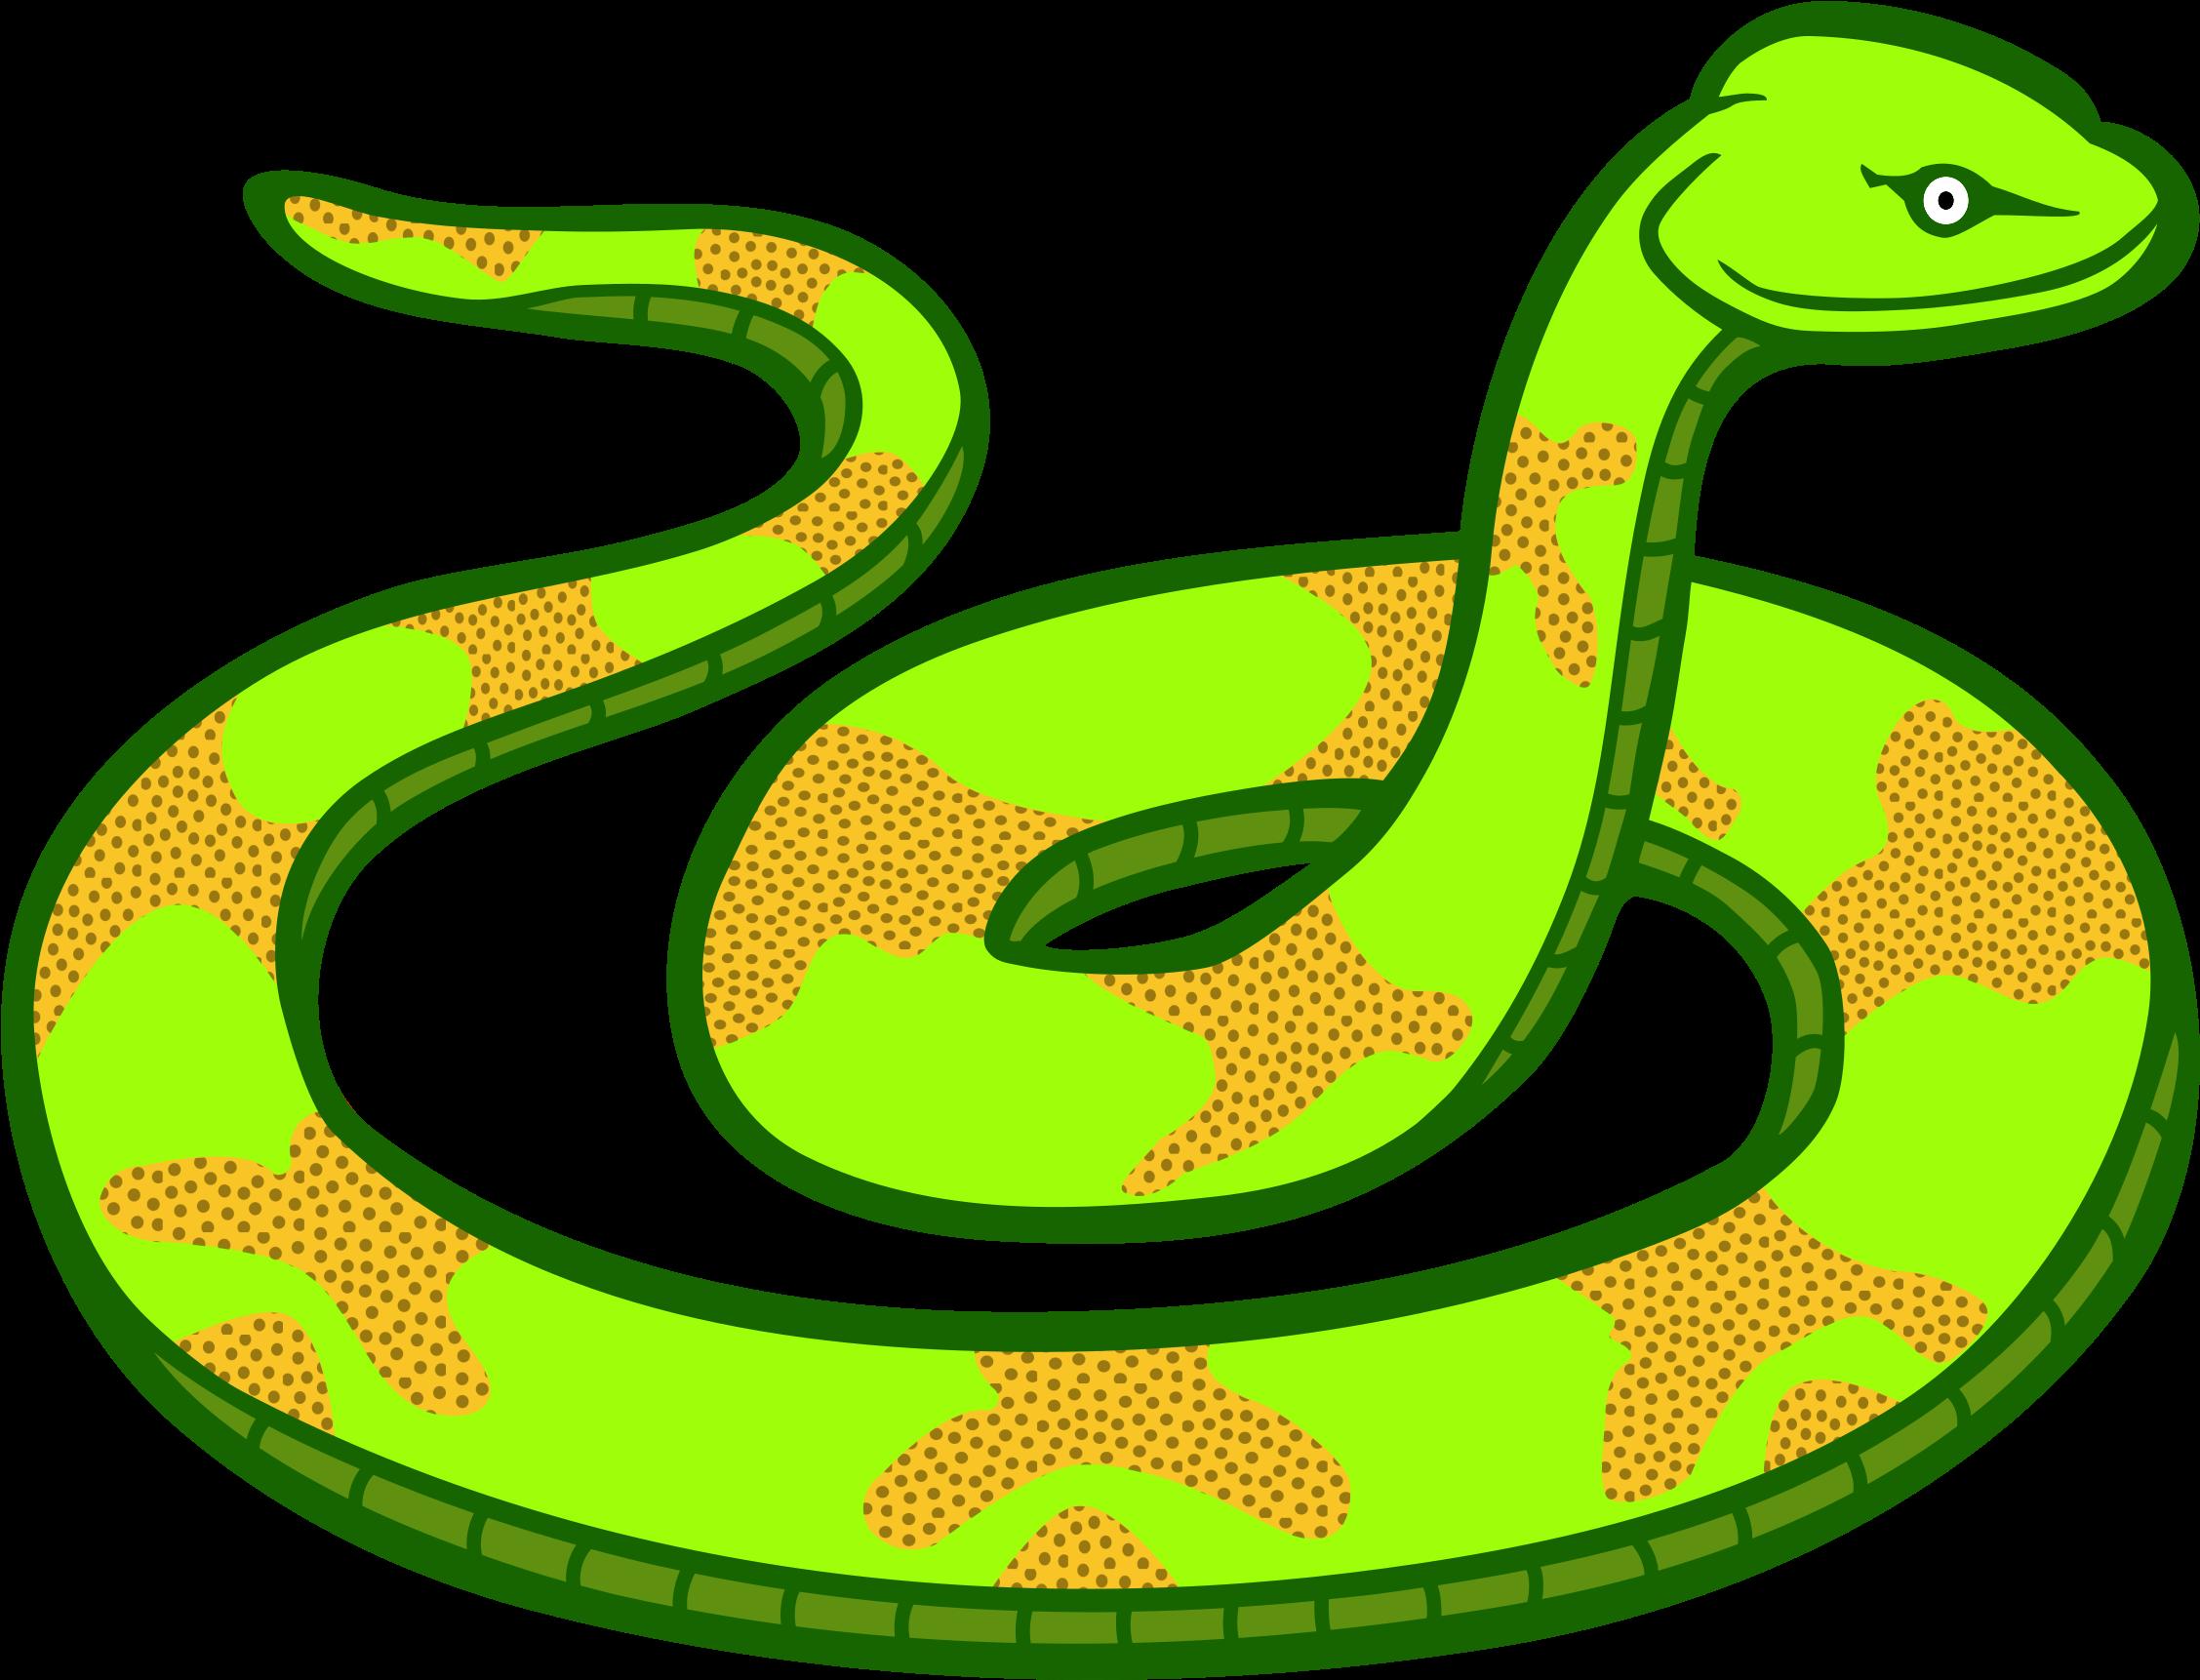 Snake full size clipart clip black and white library Download Snake Clipart Bull Snake - Transparent Snake Clip ... clip black and white library